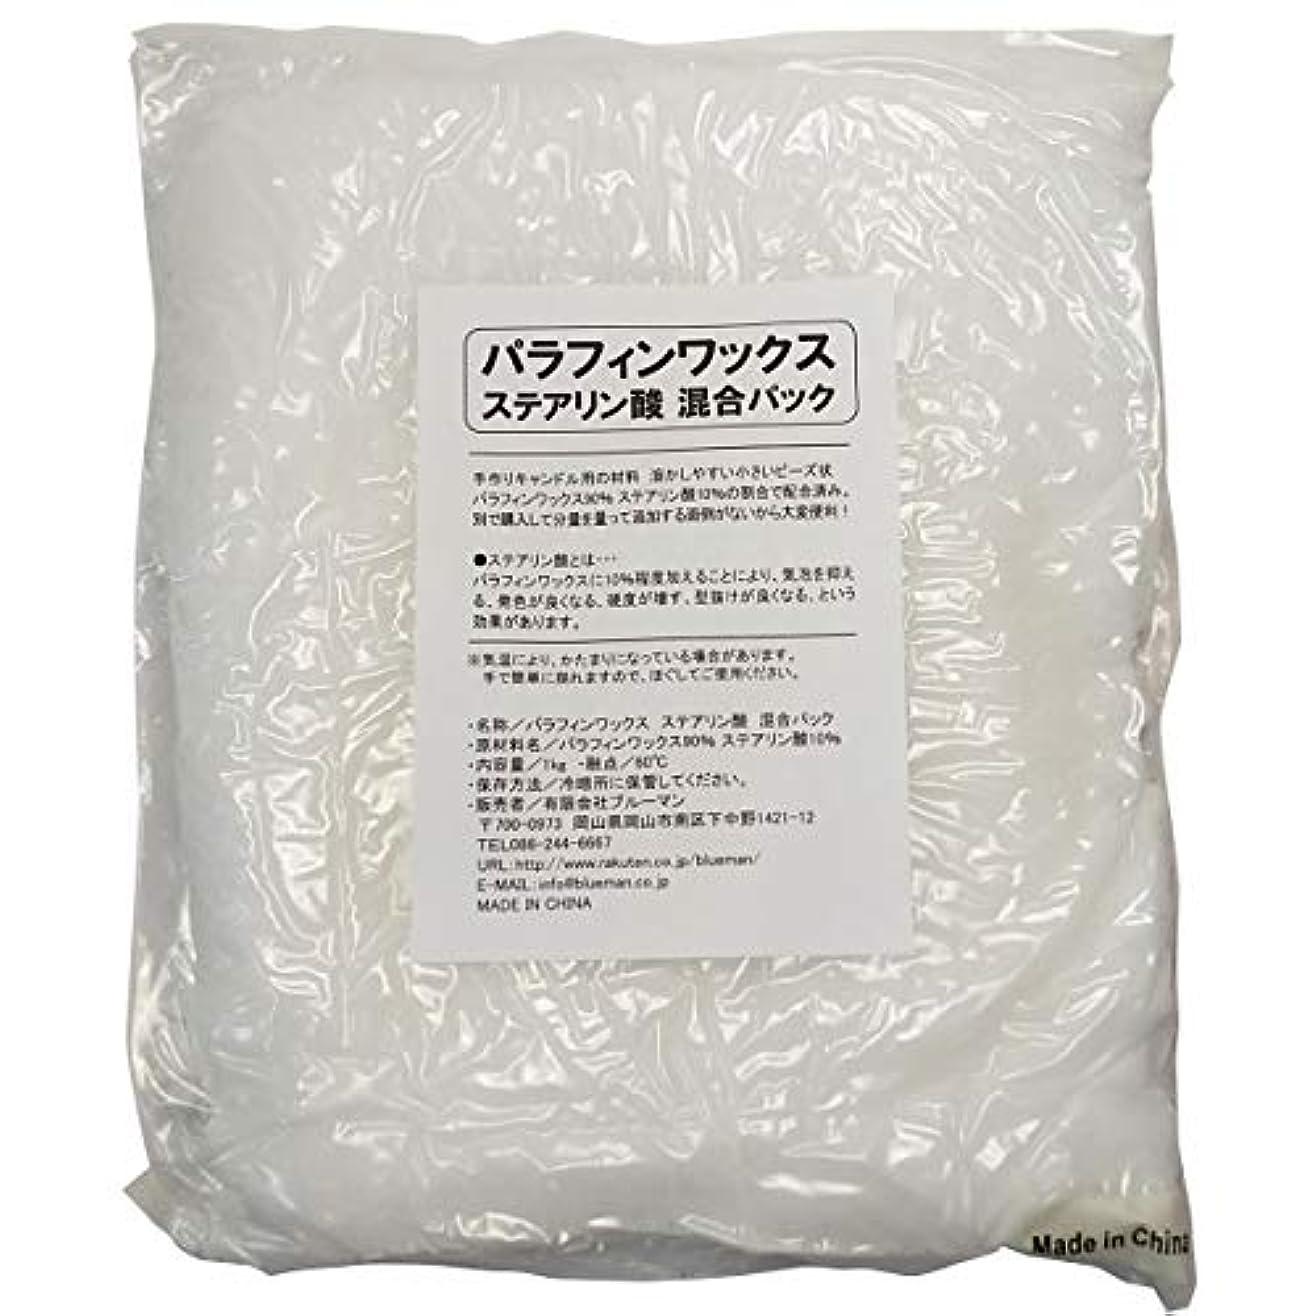 パネル私けん引パラフィンワックス ステアリン酸 混合パック 1kg 手作りキャンドル 材料 1キロ アロマワックスサシェ